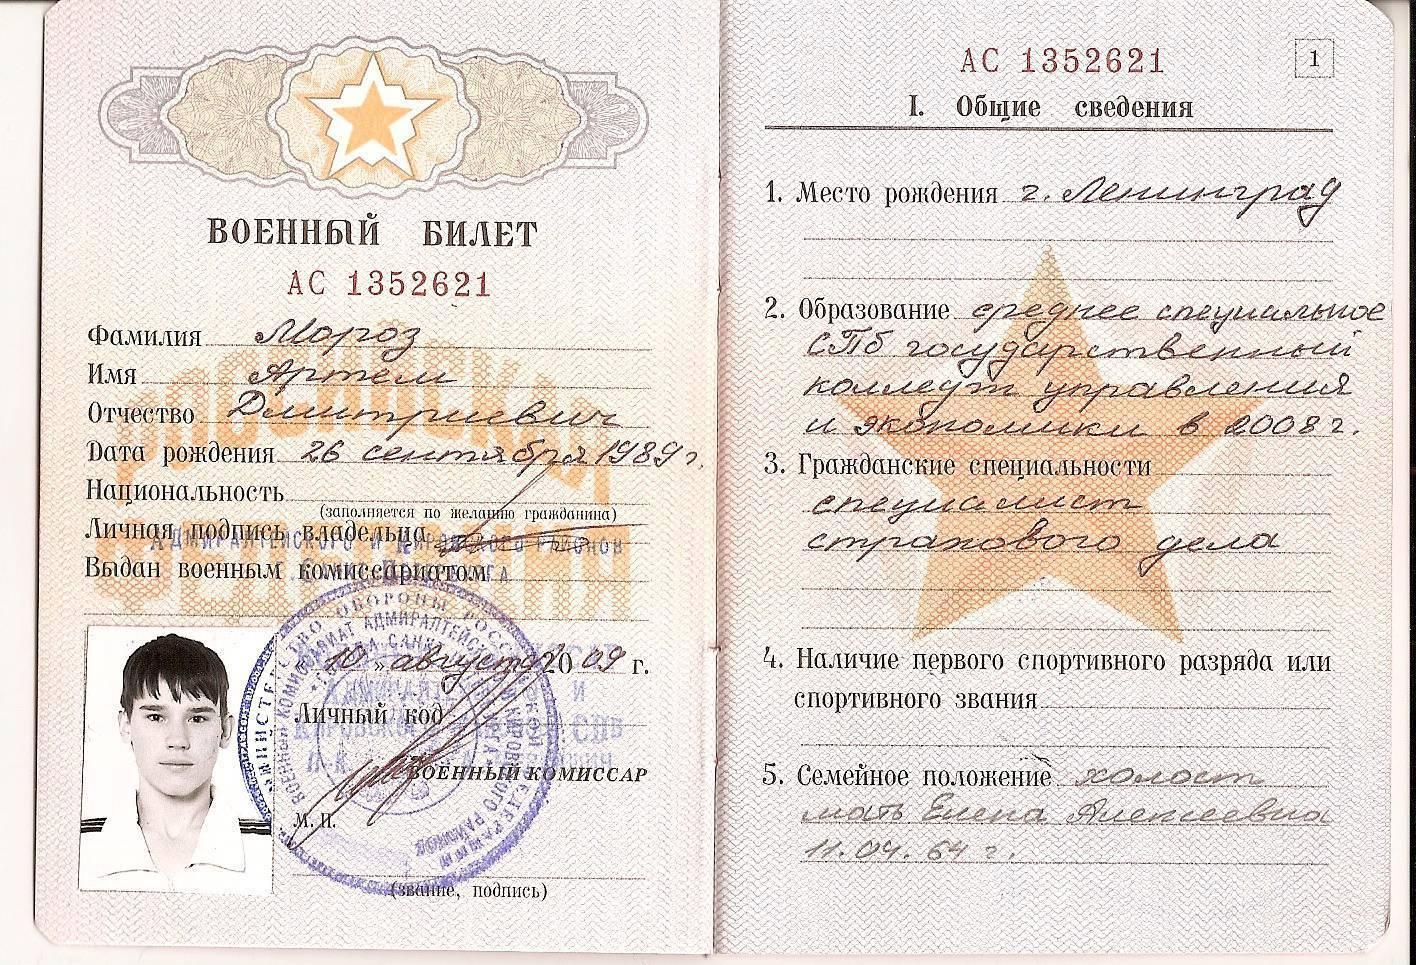 Как восстановить паспорт без военного билета